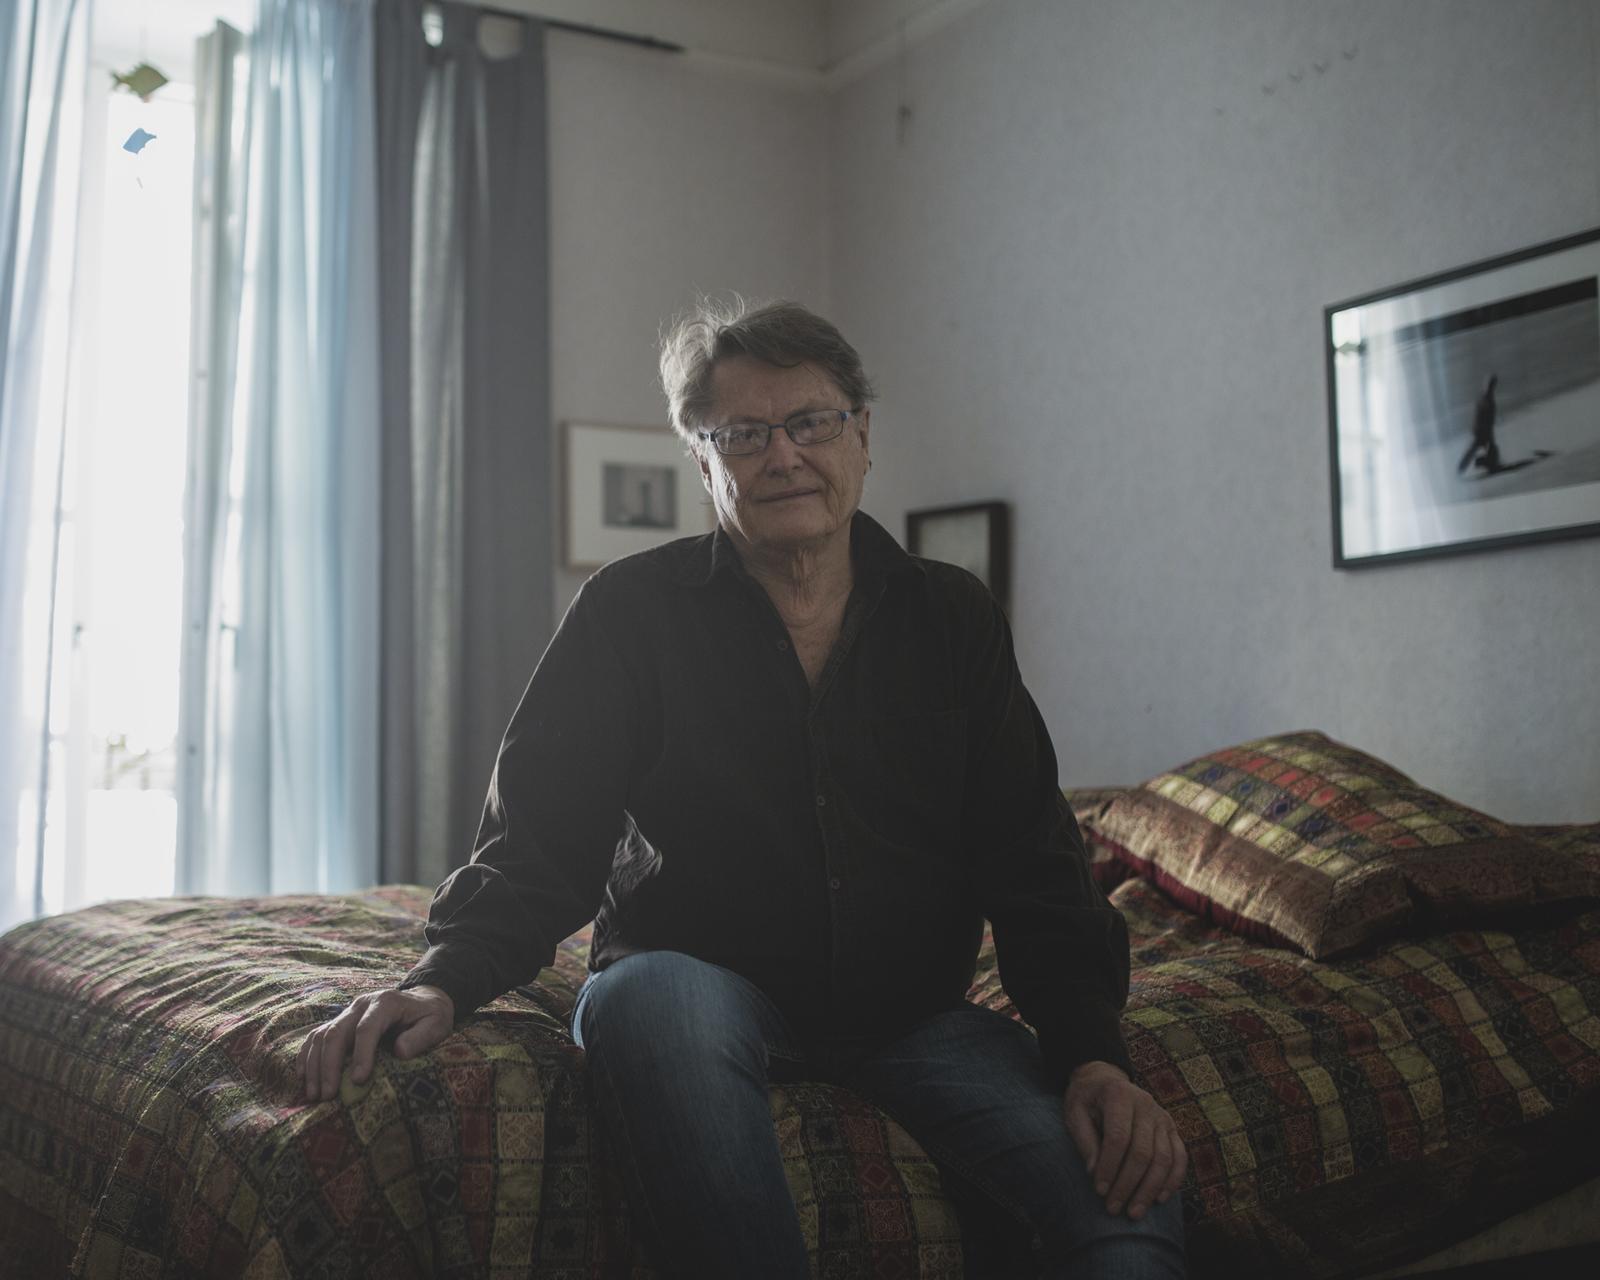 NU KRÄVS ÄNNU MER SJÄLVREFLEKTION - Erik Centerwall, Befria mannen. 1971–tidigt 1980-tal